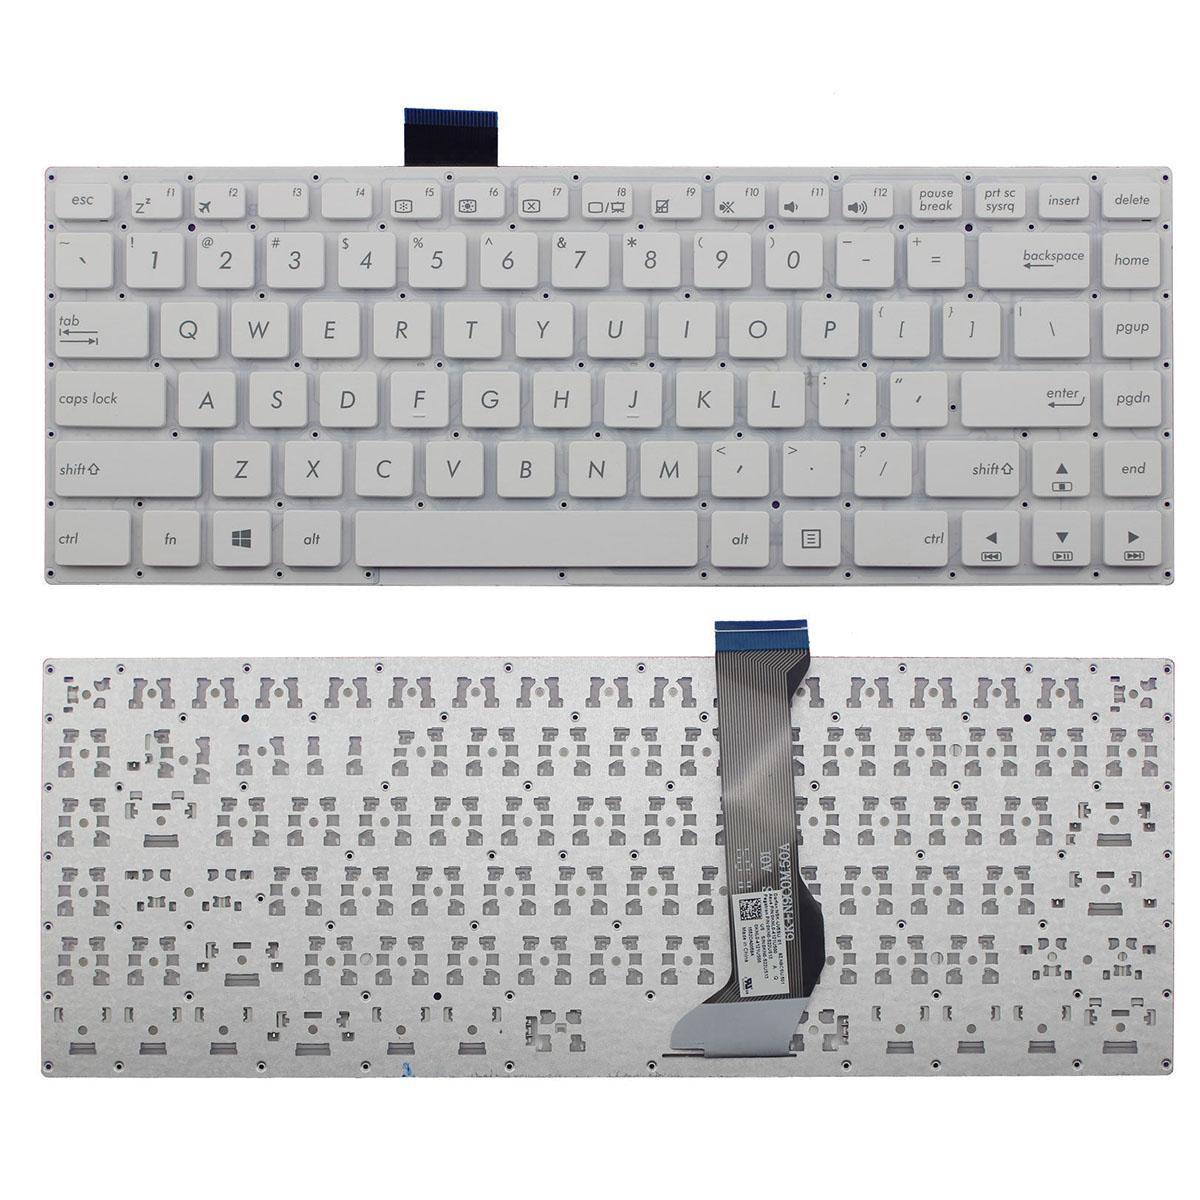 NOVO Inglês Laptop teclado branco para teclado Asus E402 E402M E402MA E402S E402SA US Laptop Repair